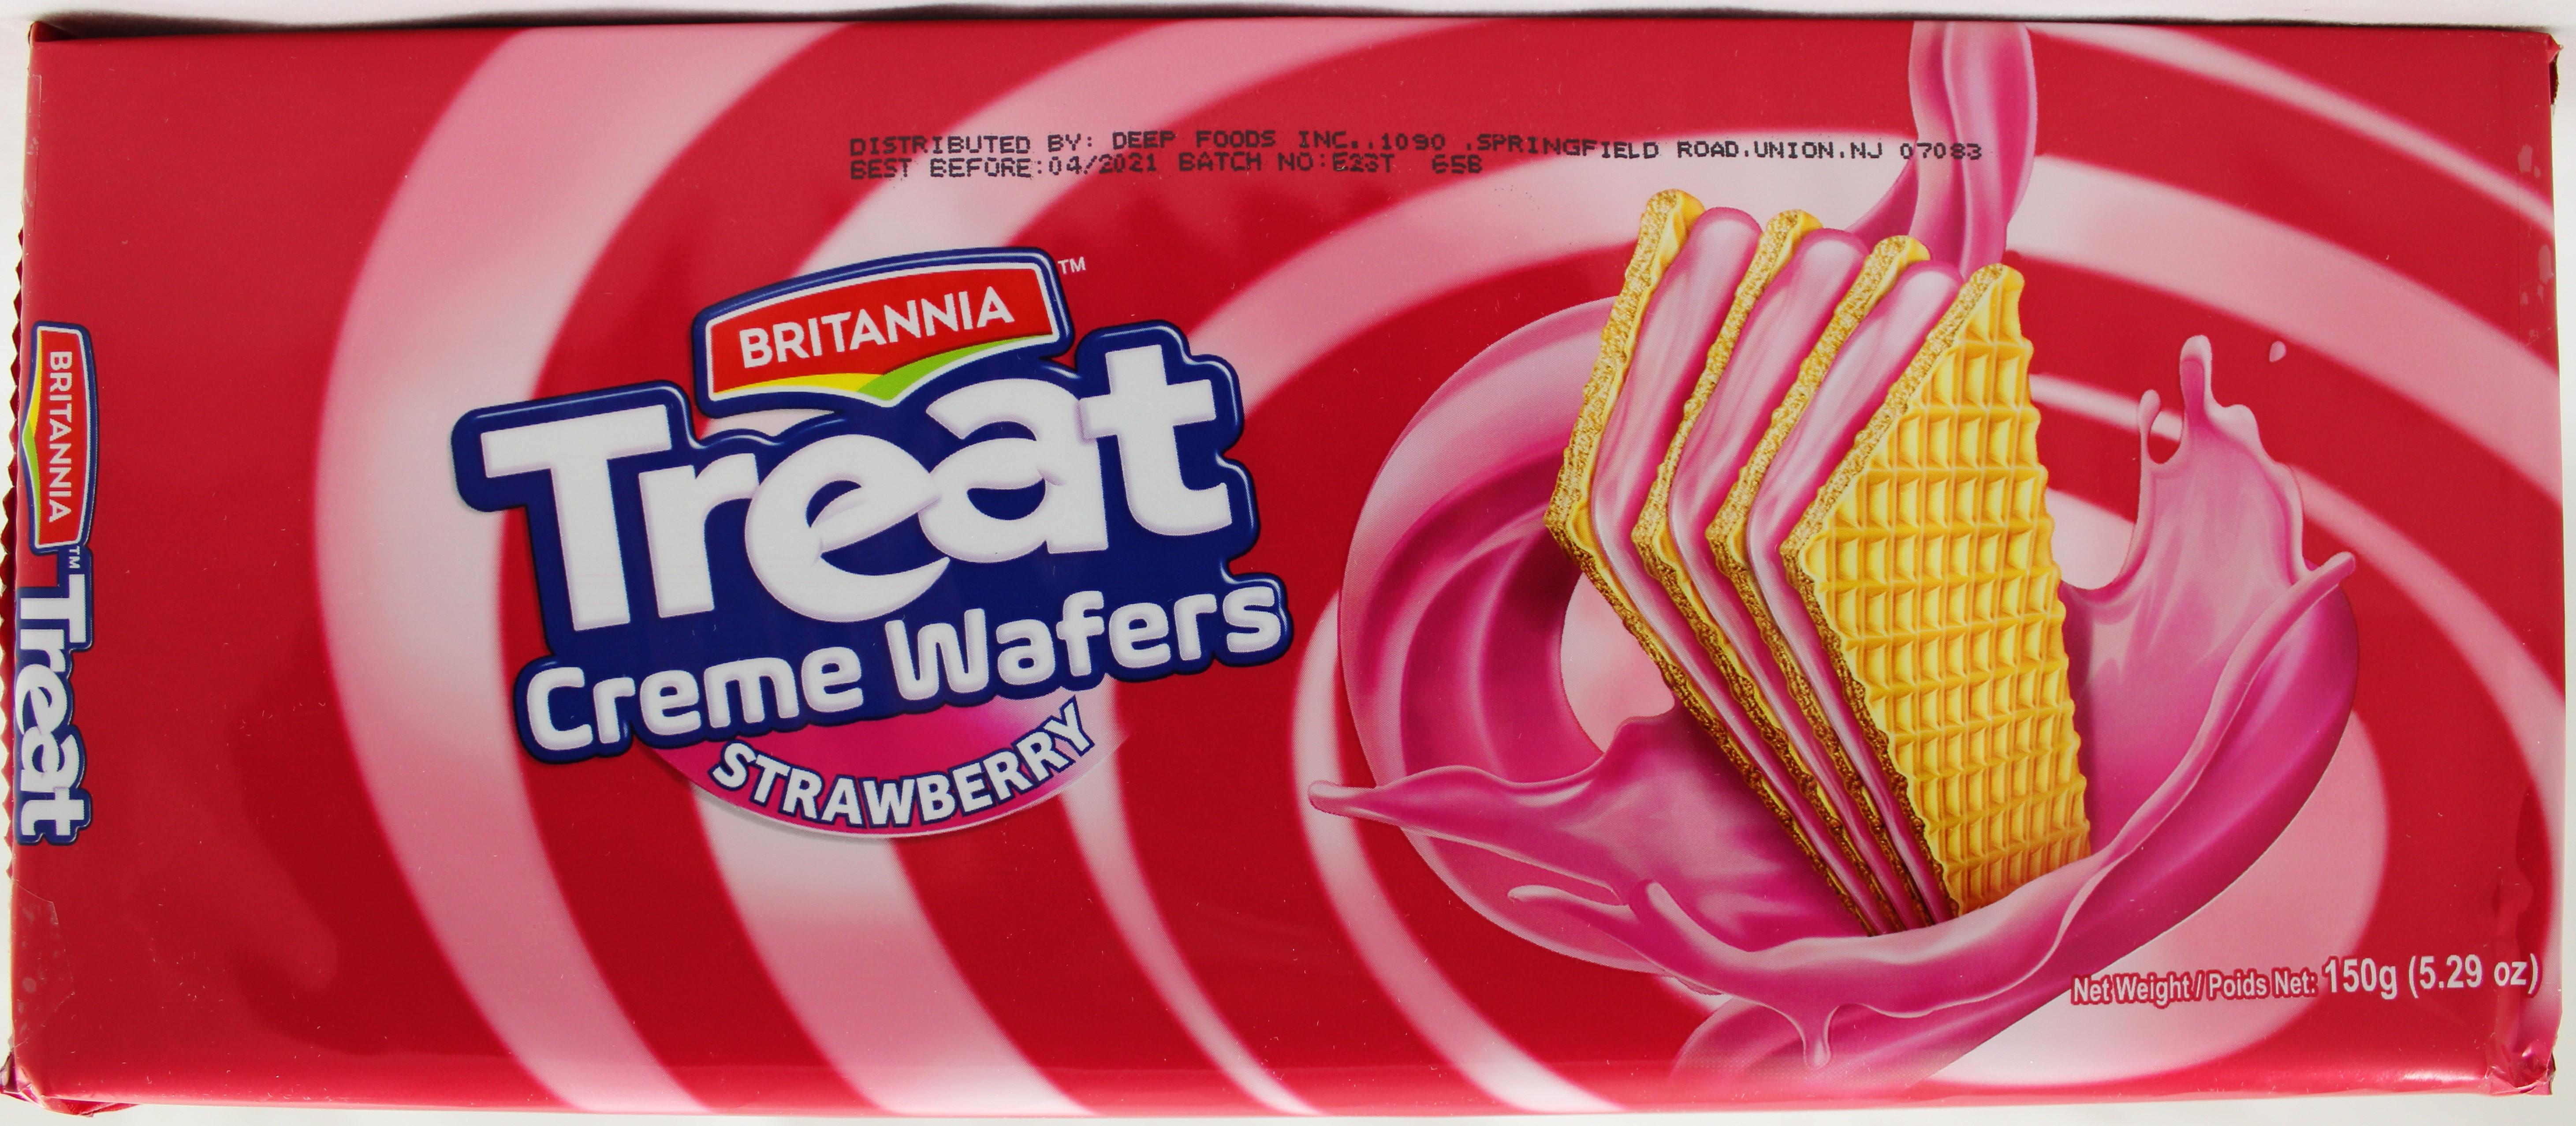 Treat Strawberry cream wafers5.29Oz